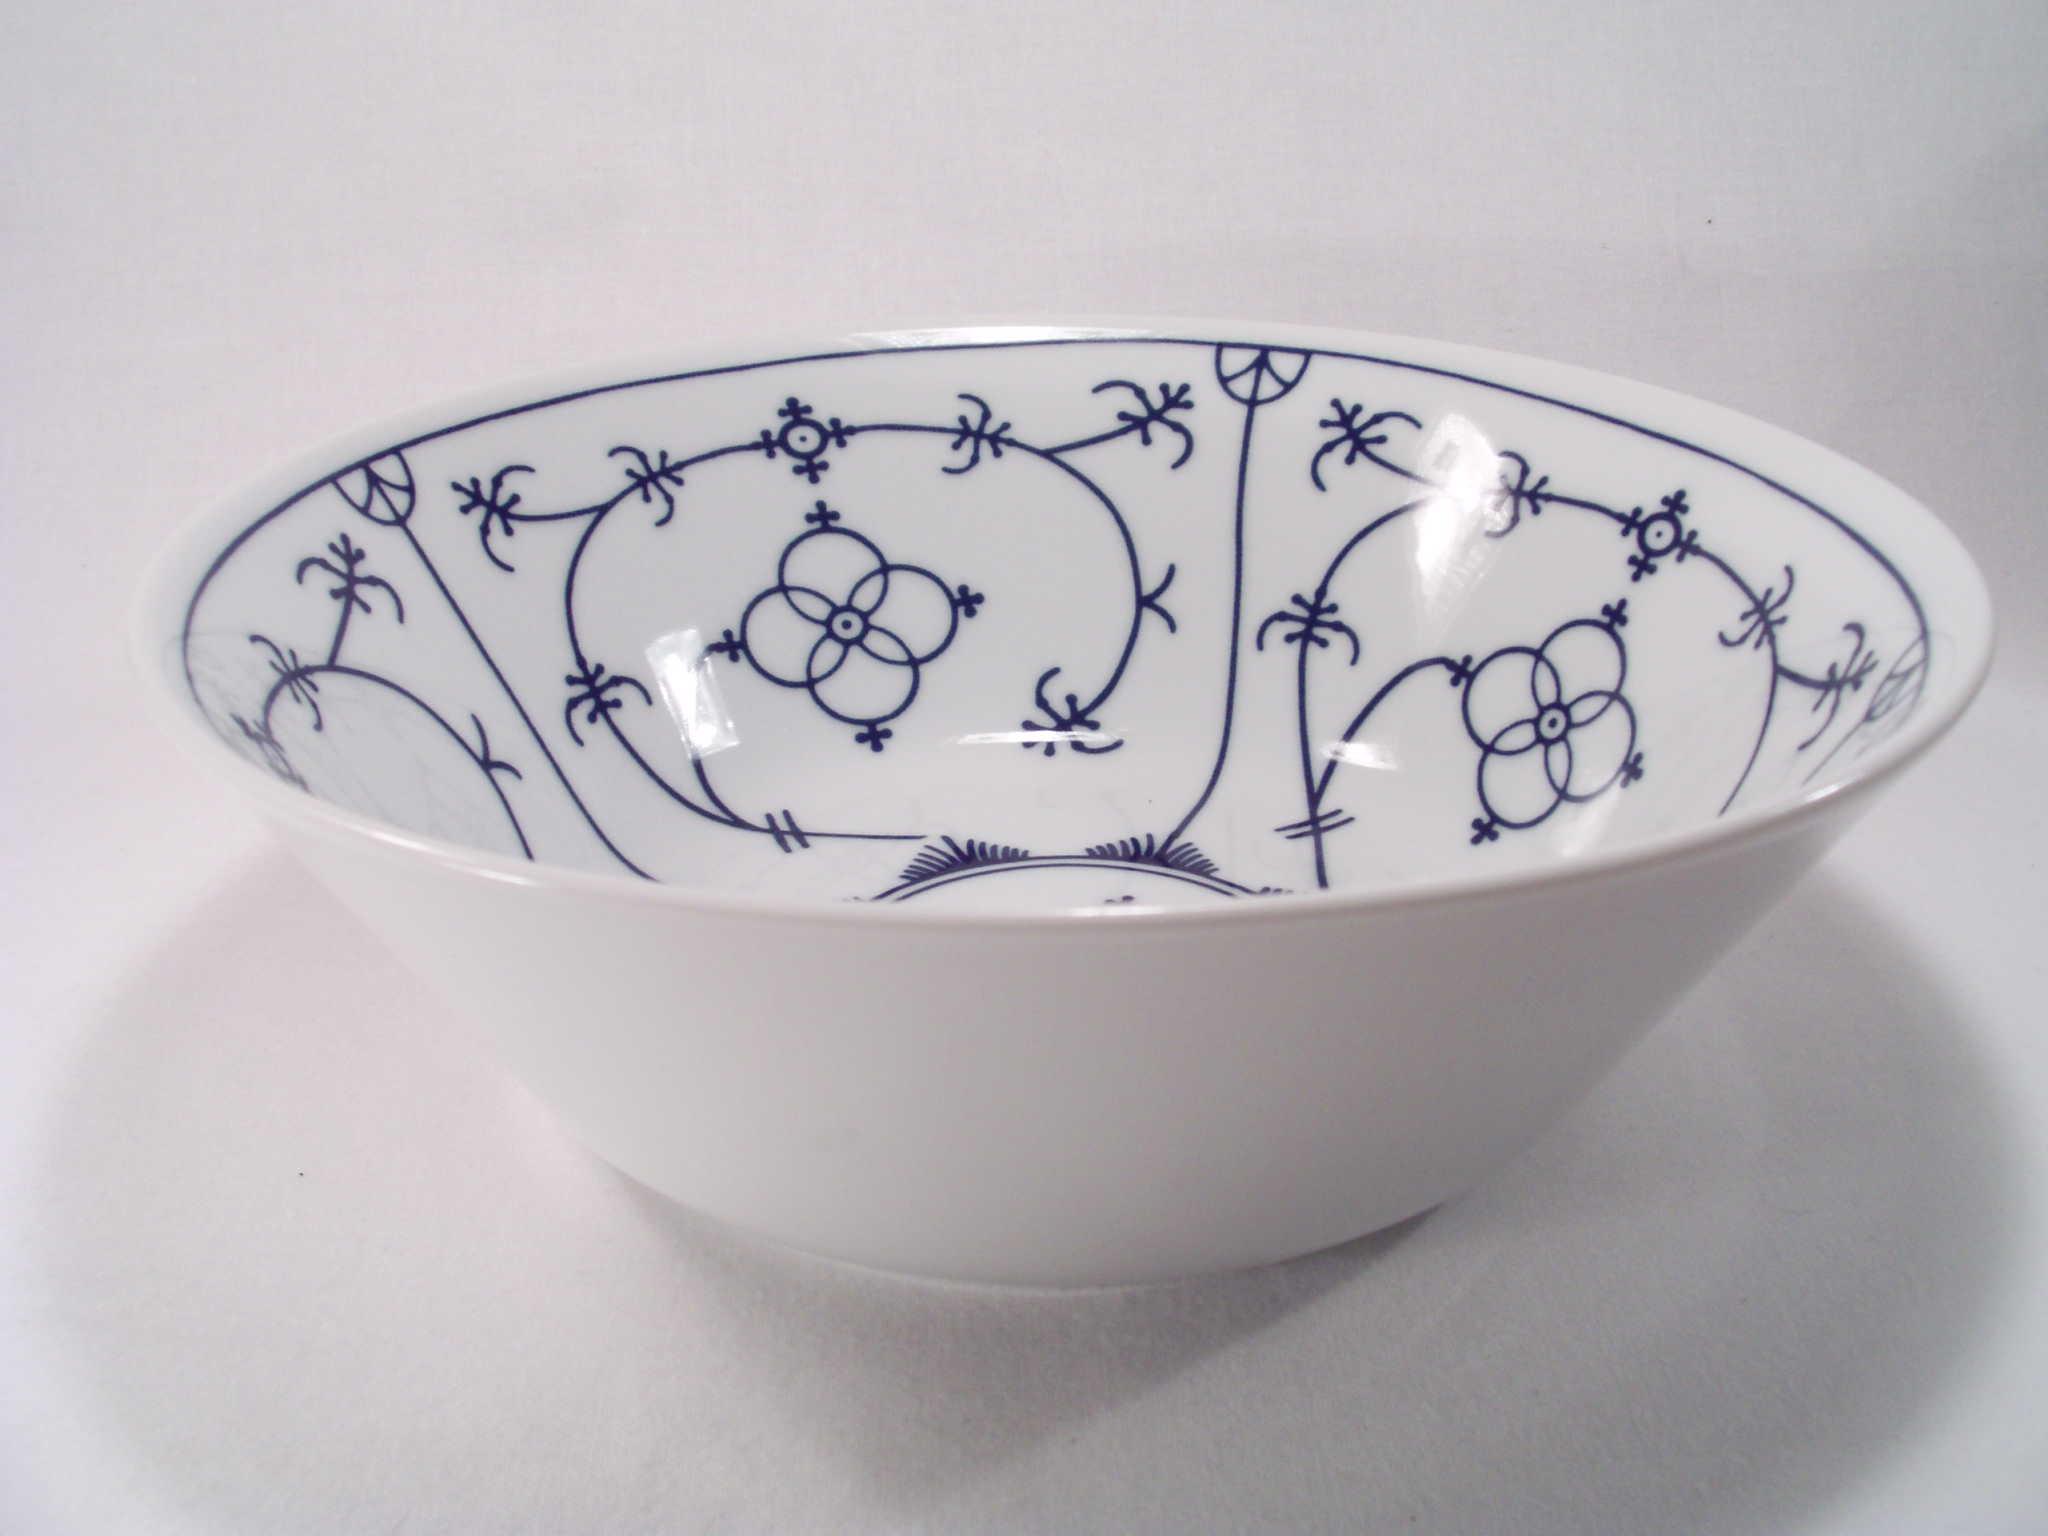 Bowl Schüssel Winterling indischblau indisch blau